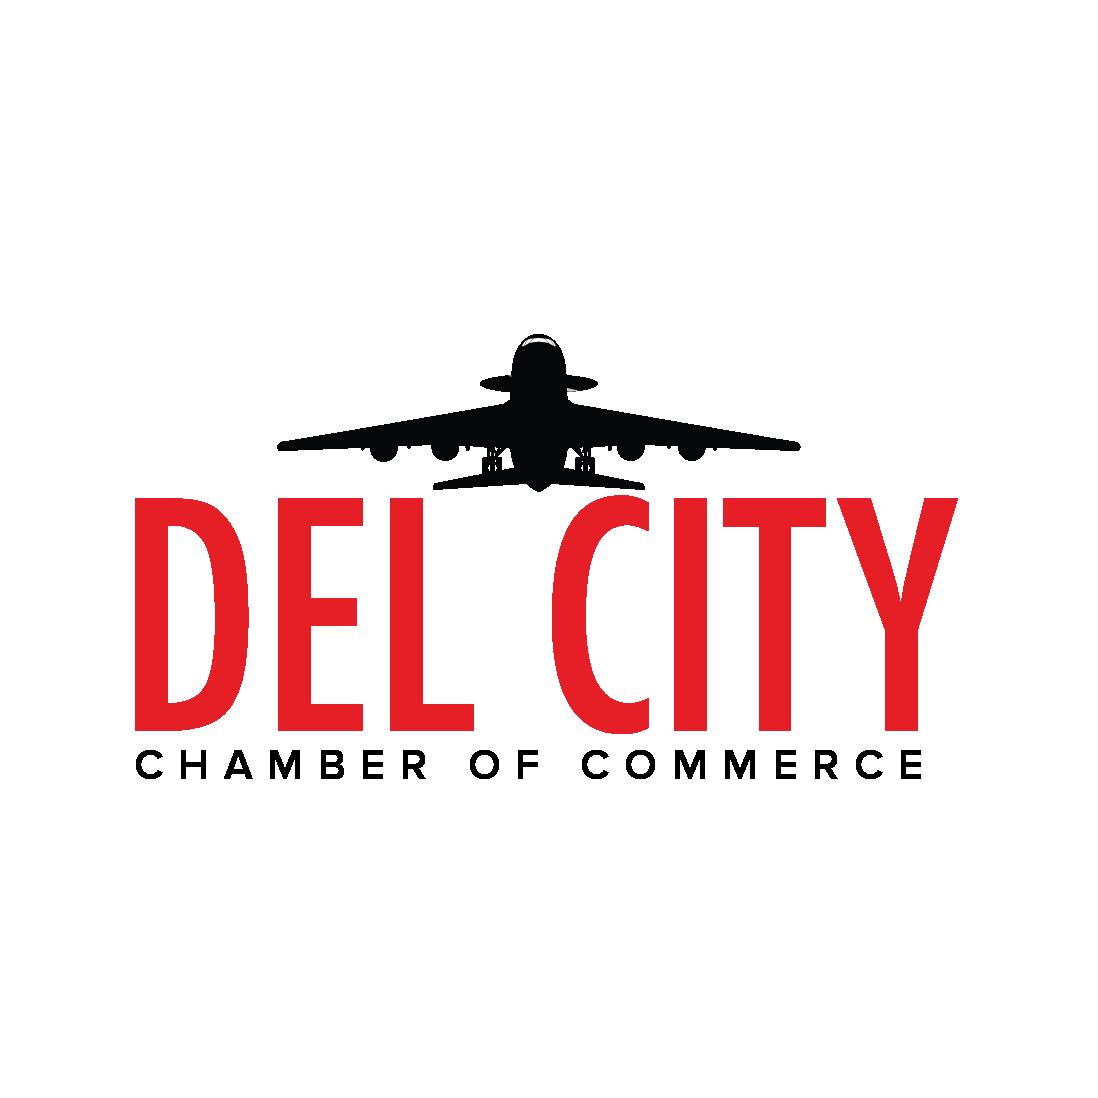 DC_ChamberLogo_profile2-08.png